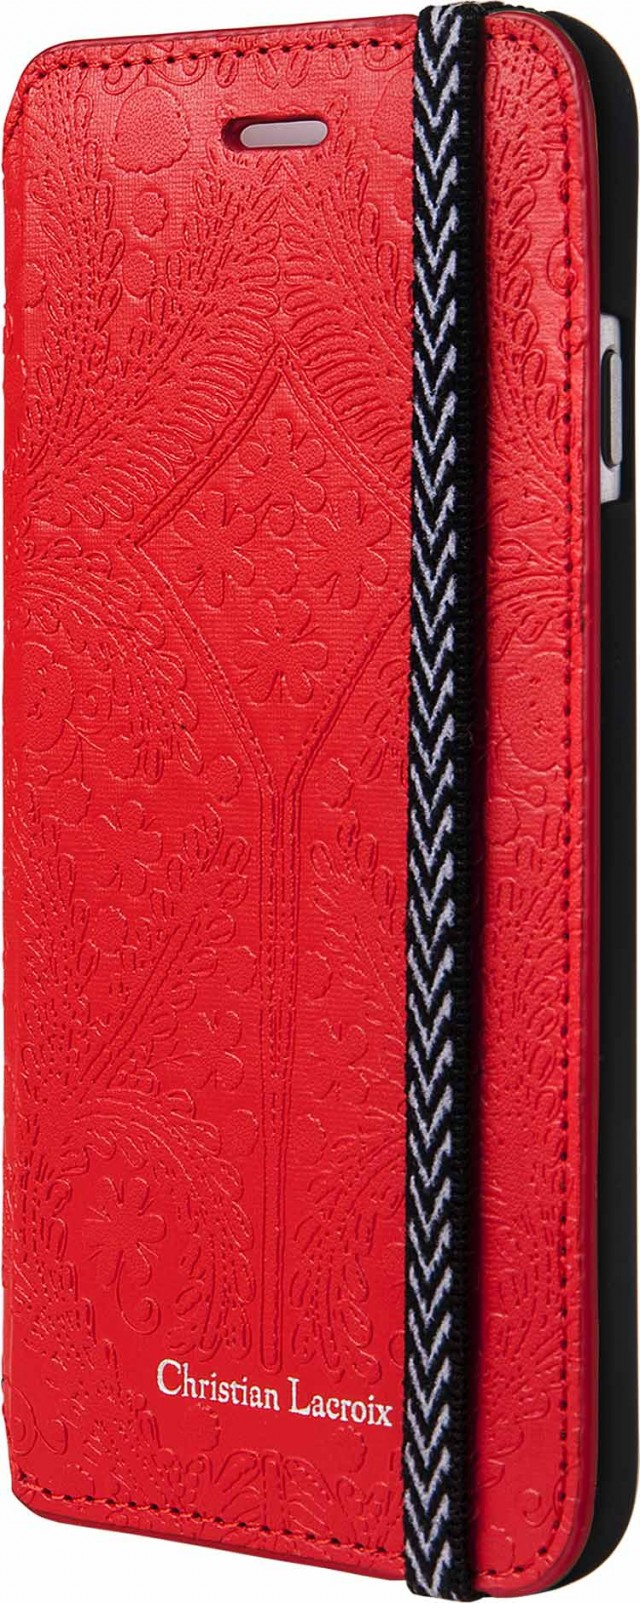 CHRISTIAN LACROIX – Folio case Paséo – Bild #1